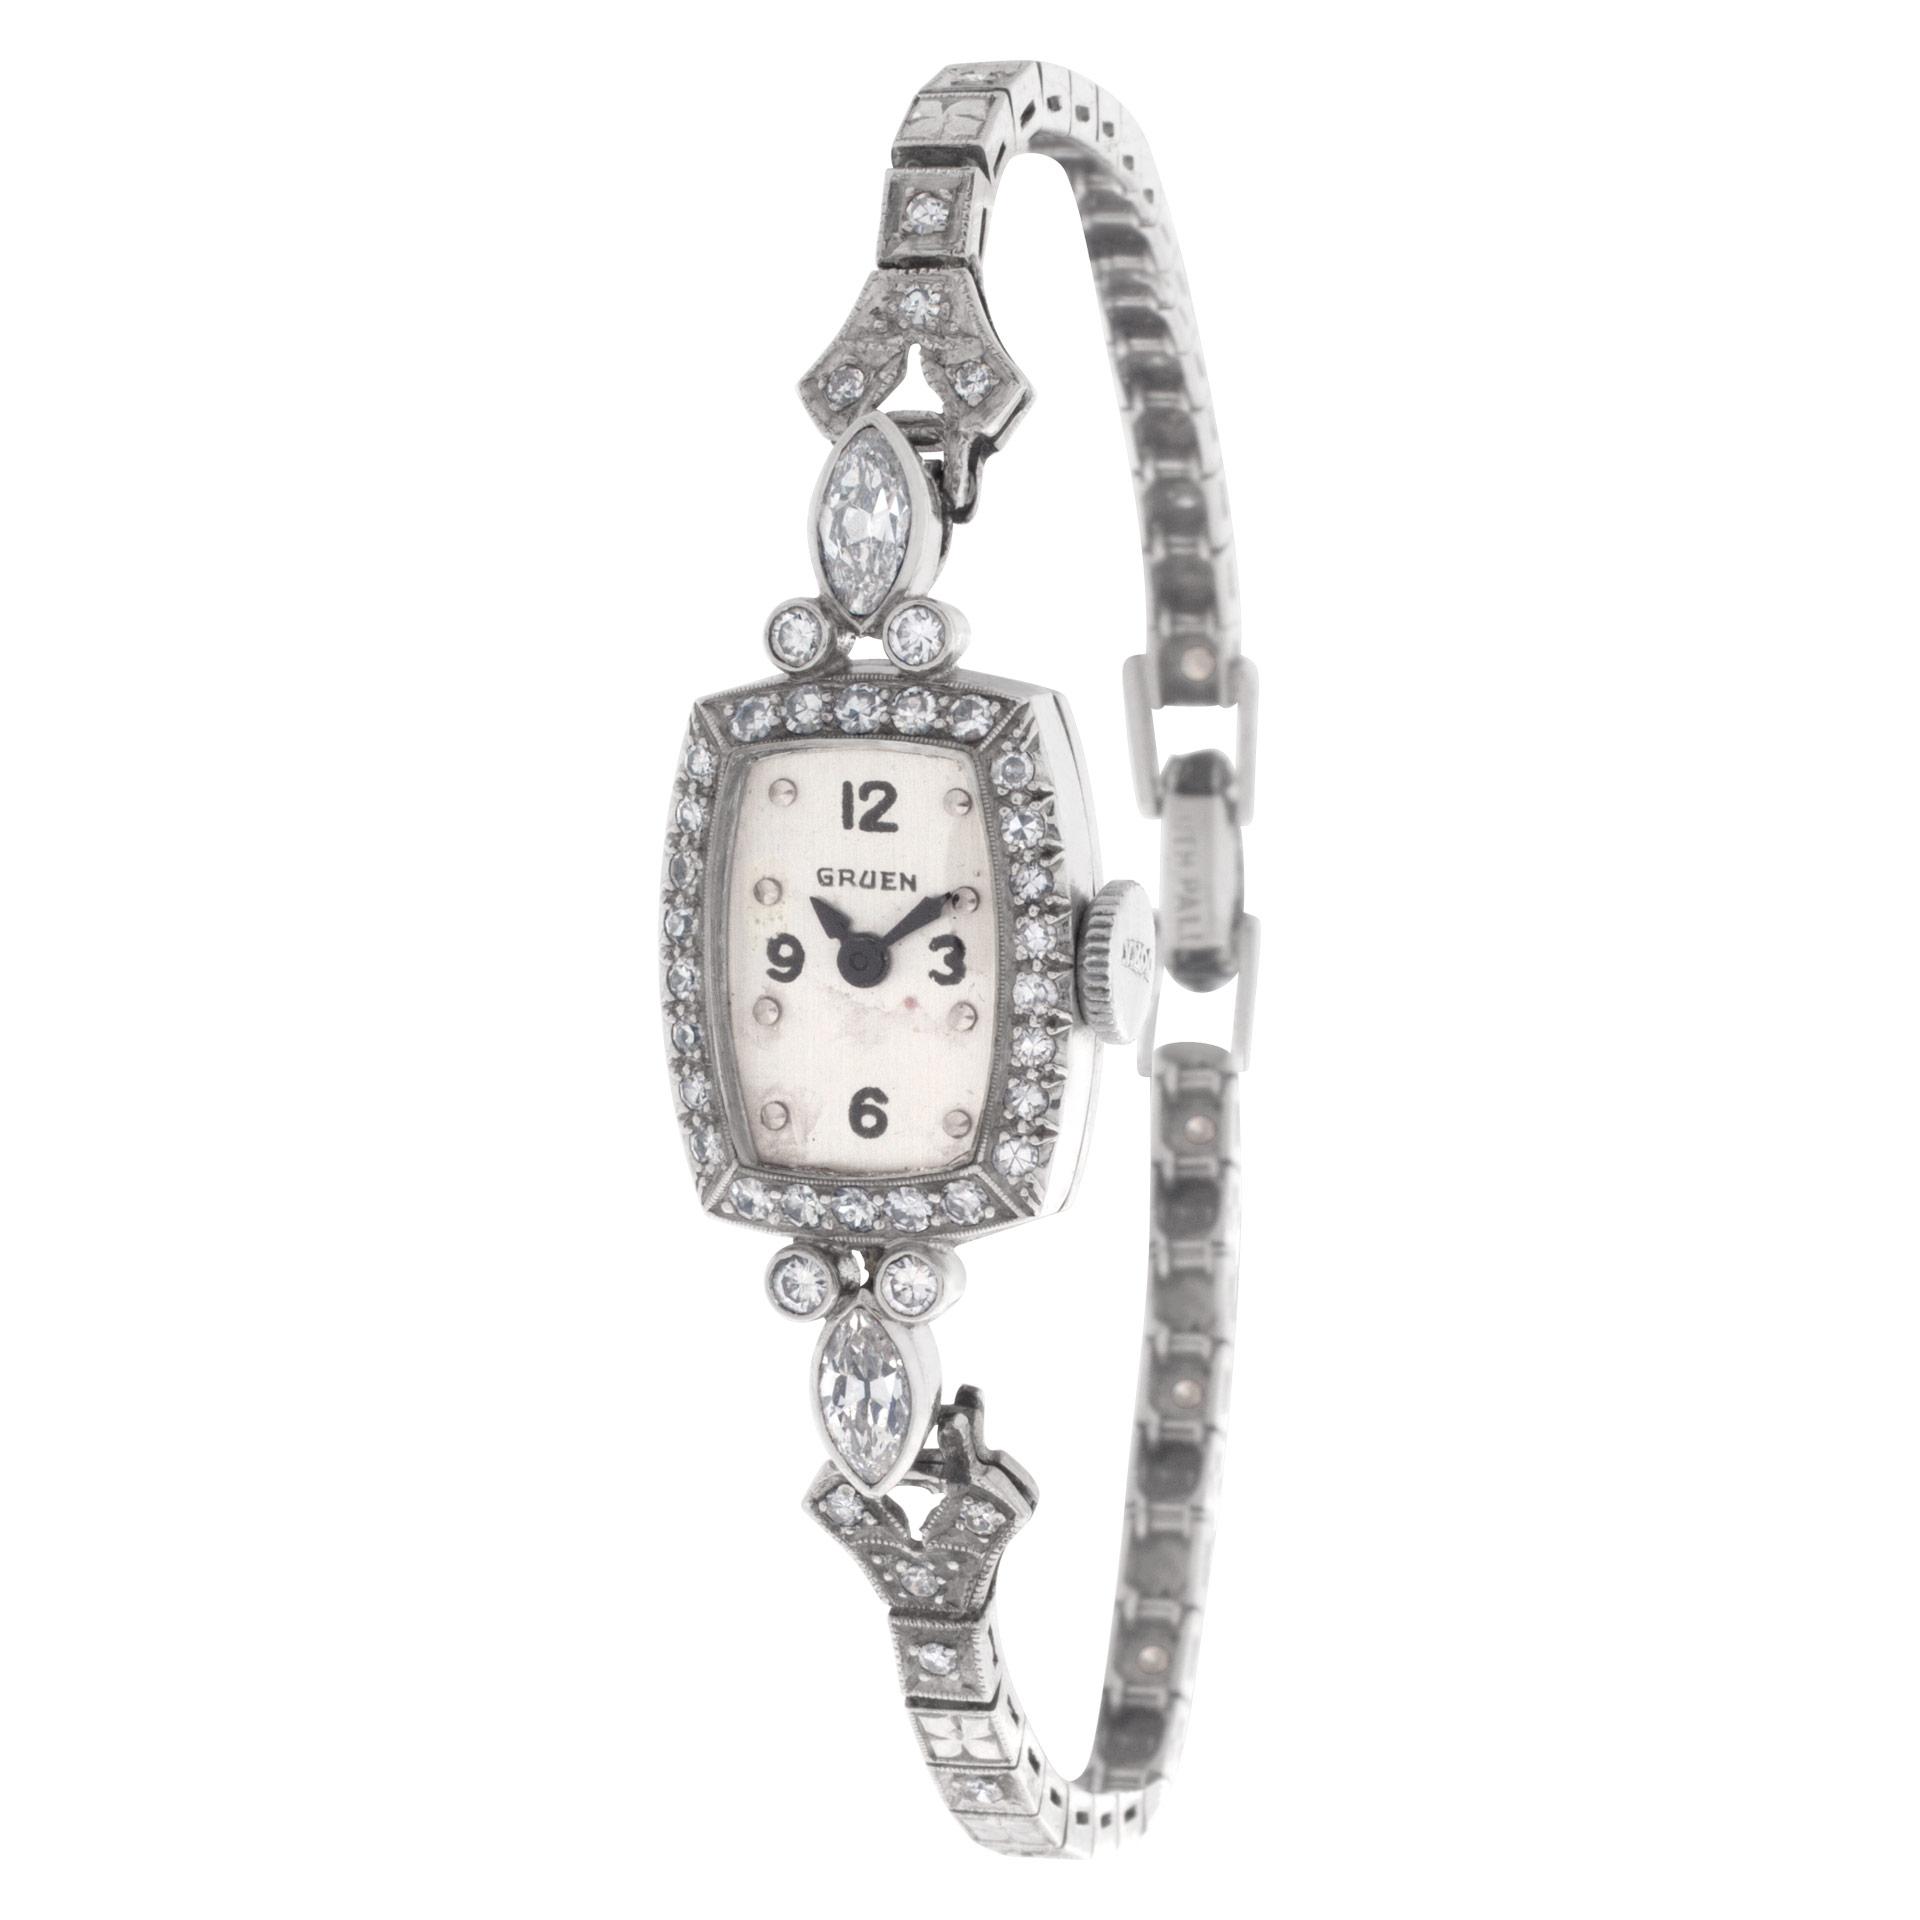 Gruen Classic 111 Platinum Silver dial 13.8mm Manual watch